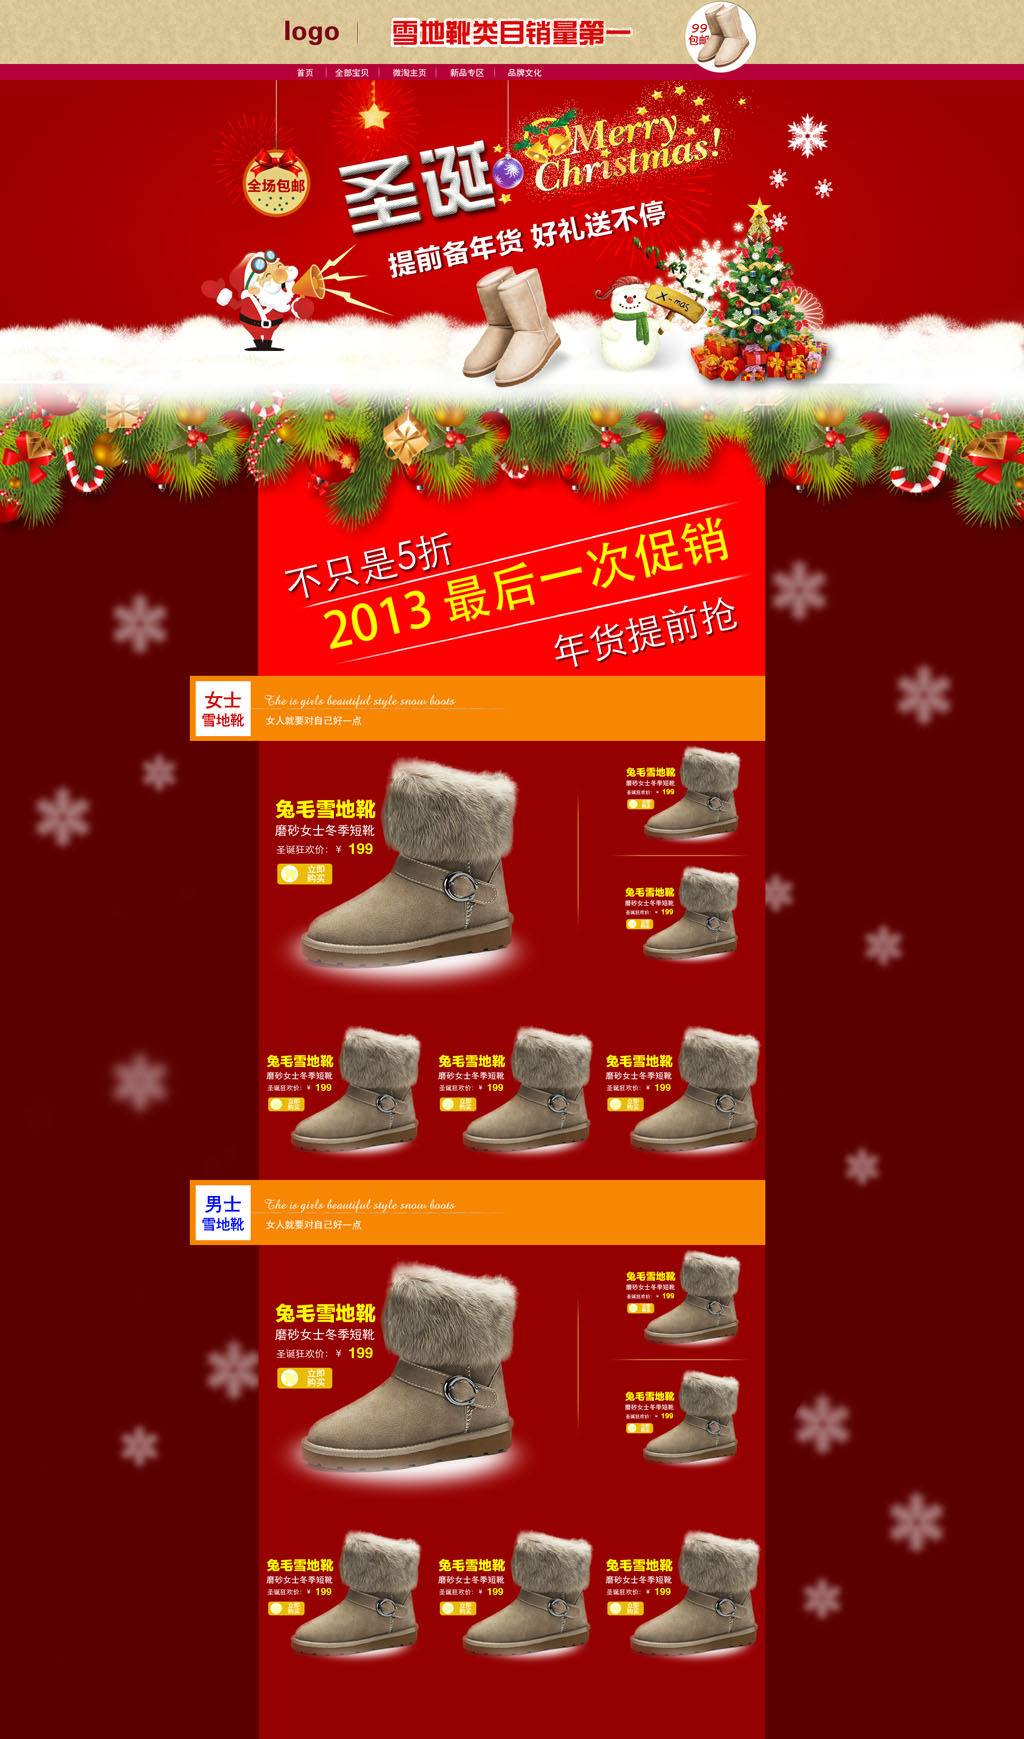 淘宝圣诞节女鞋促销店铺首页模板图片下载 淘宝双12活动 促销页面